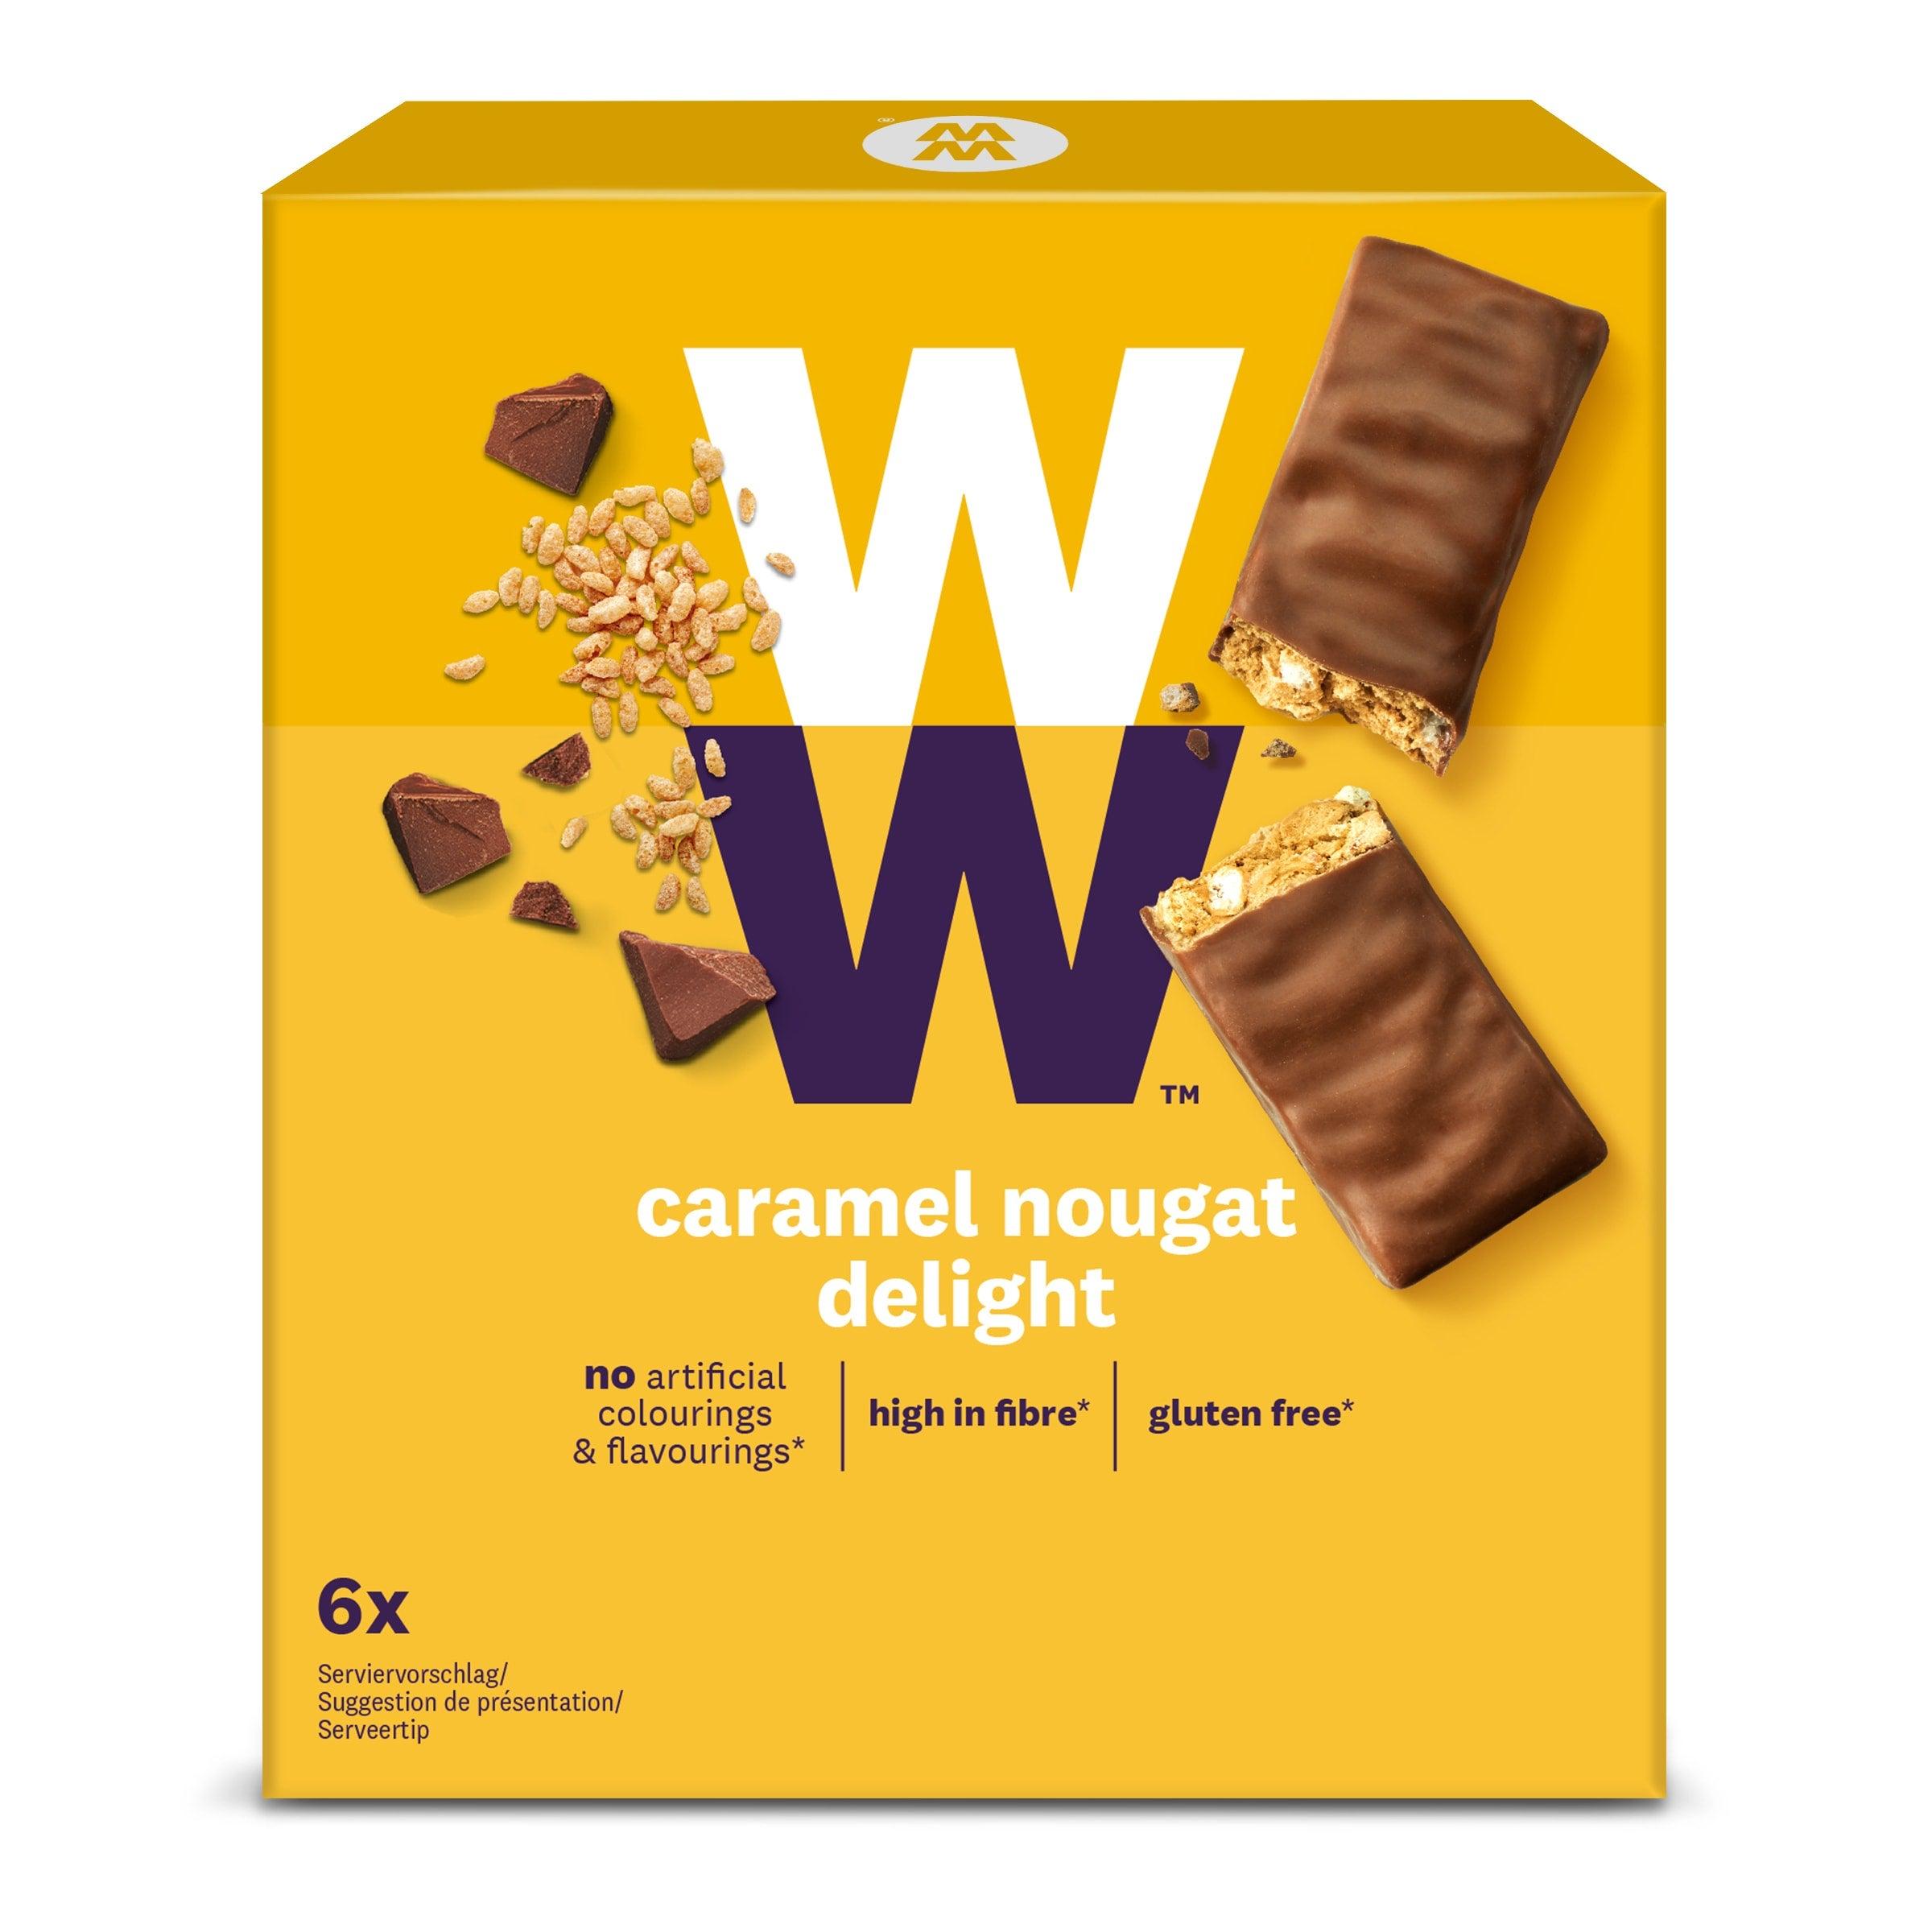 Een verpakking met 6 Caramel Nougat Delight repen van WW gemaakt van melkchocolade met een vulling van karamel en gepofte rijst